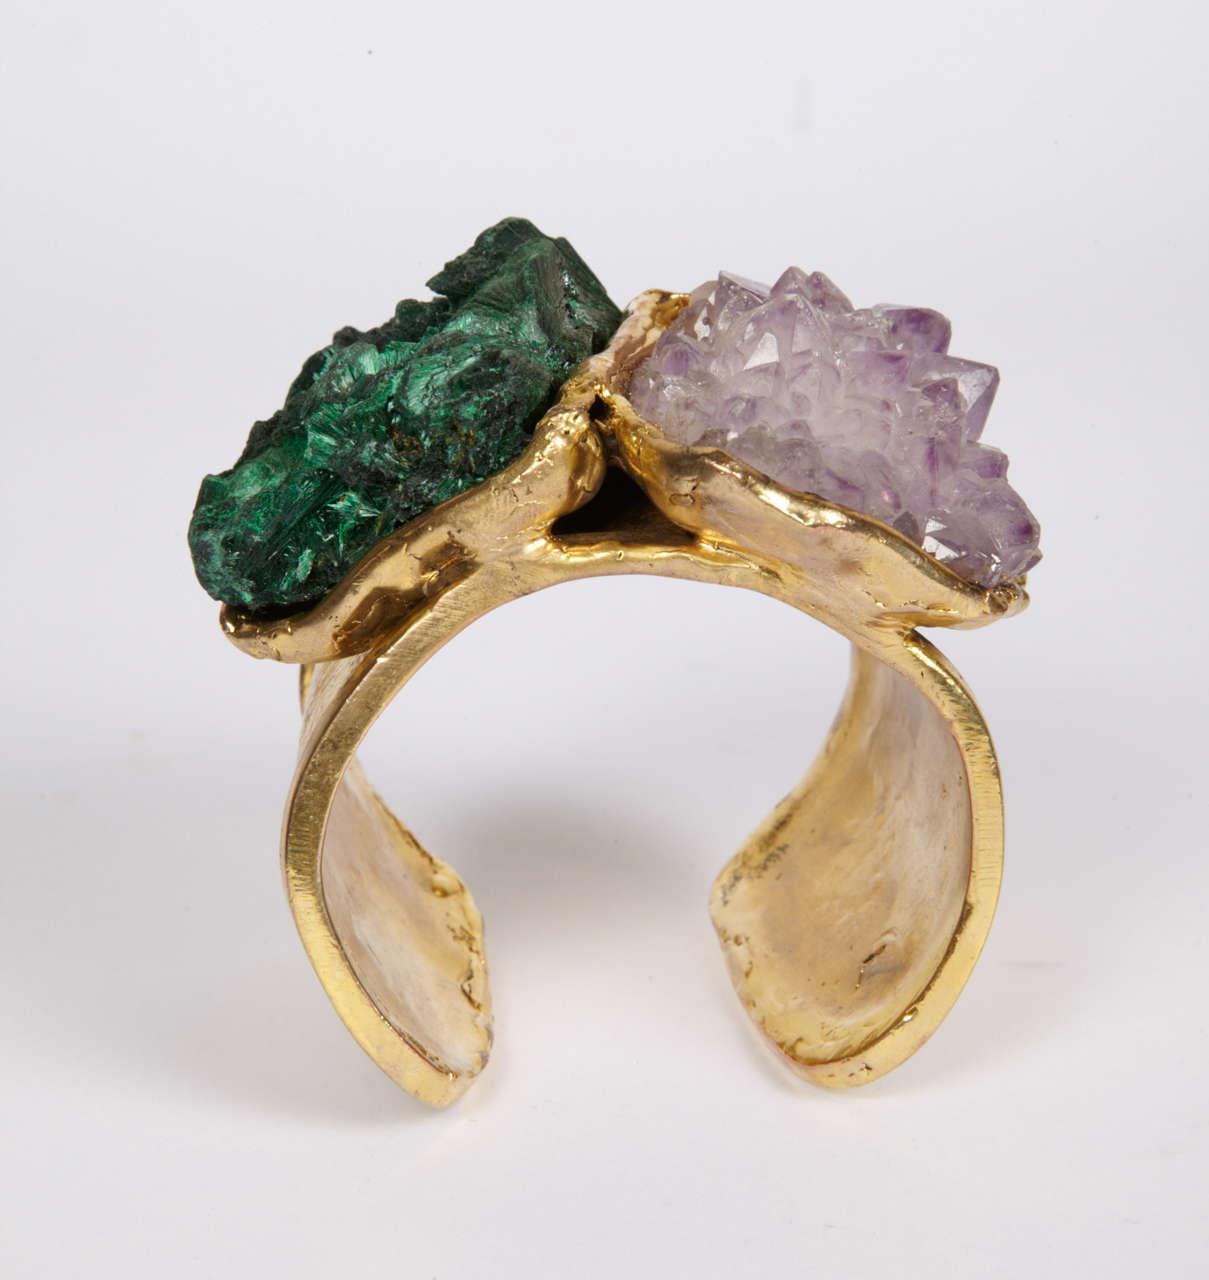 Valerie Egee -  Bronze Cuff Bracelet, Green Malachite, Rodocrosytis 2